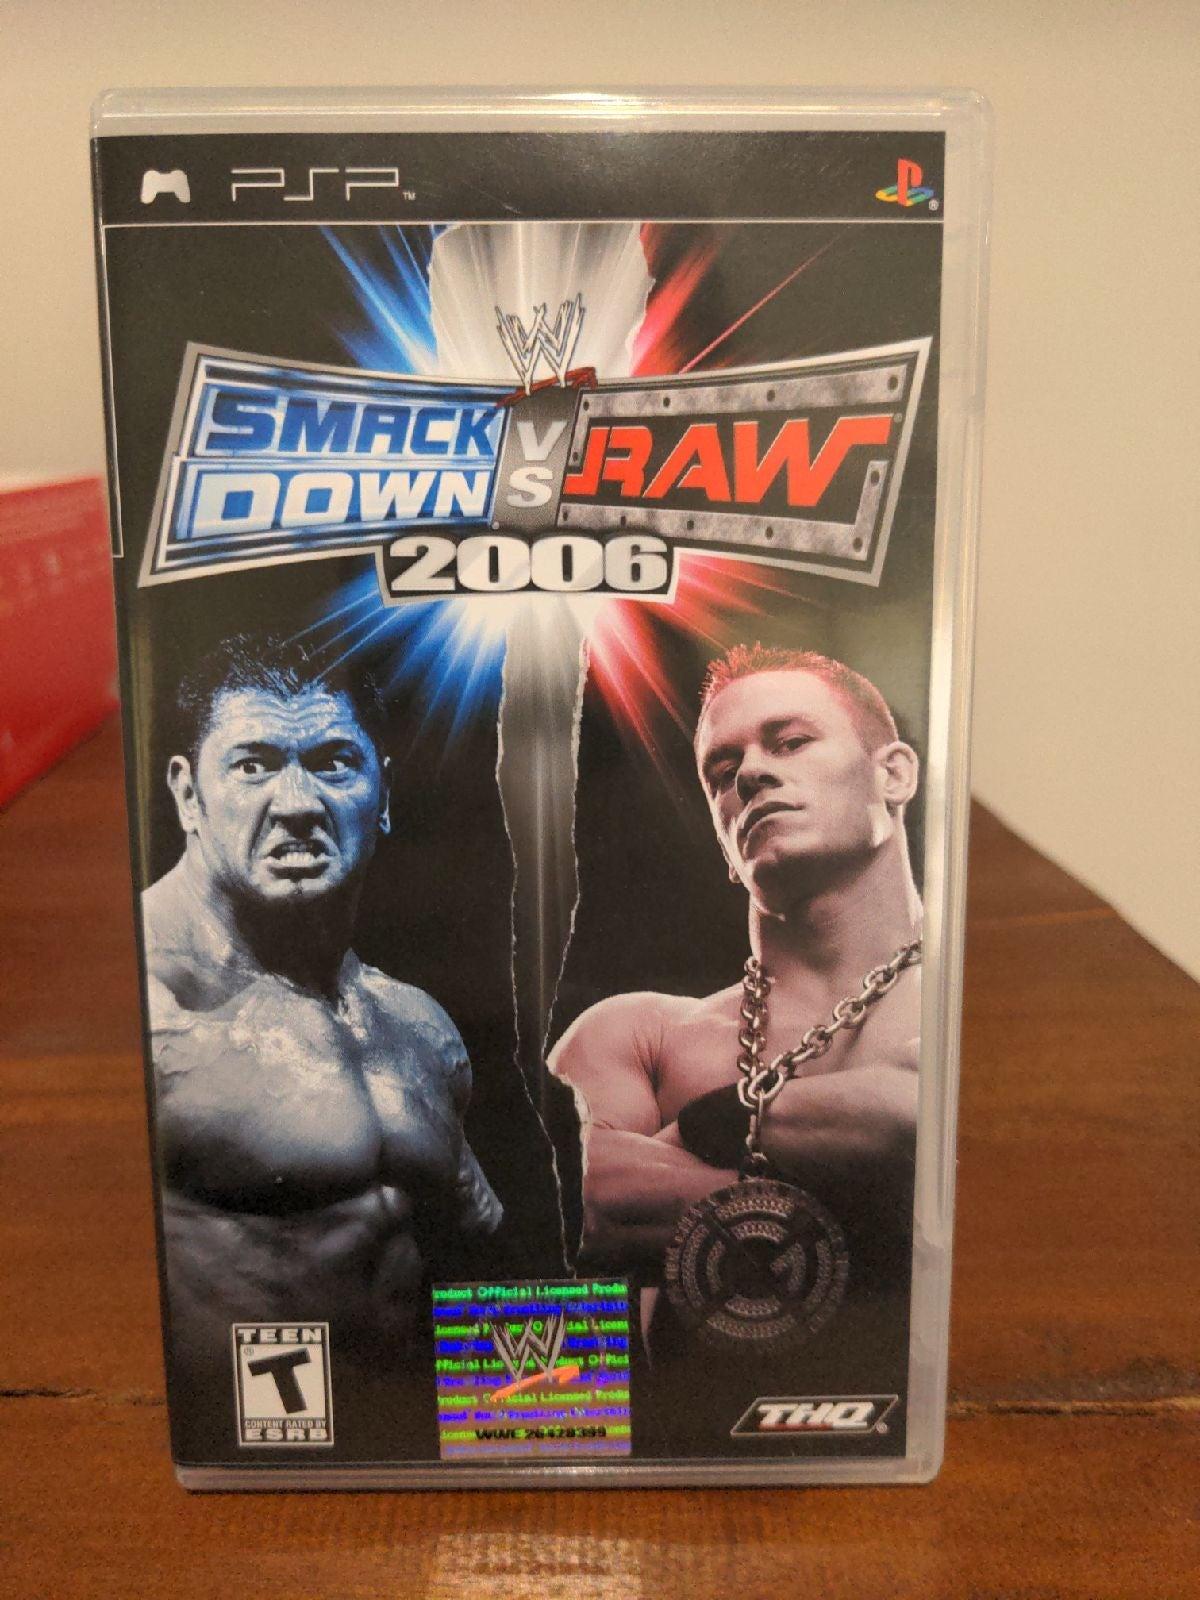 WWE SmackDown vs. Raw 2006 on Sony PSP